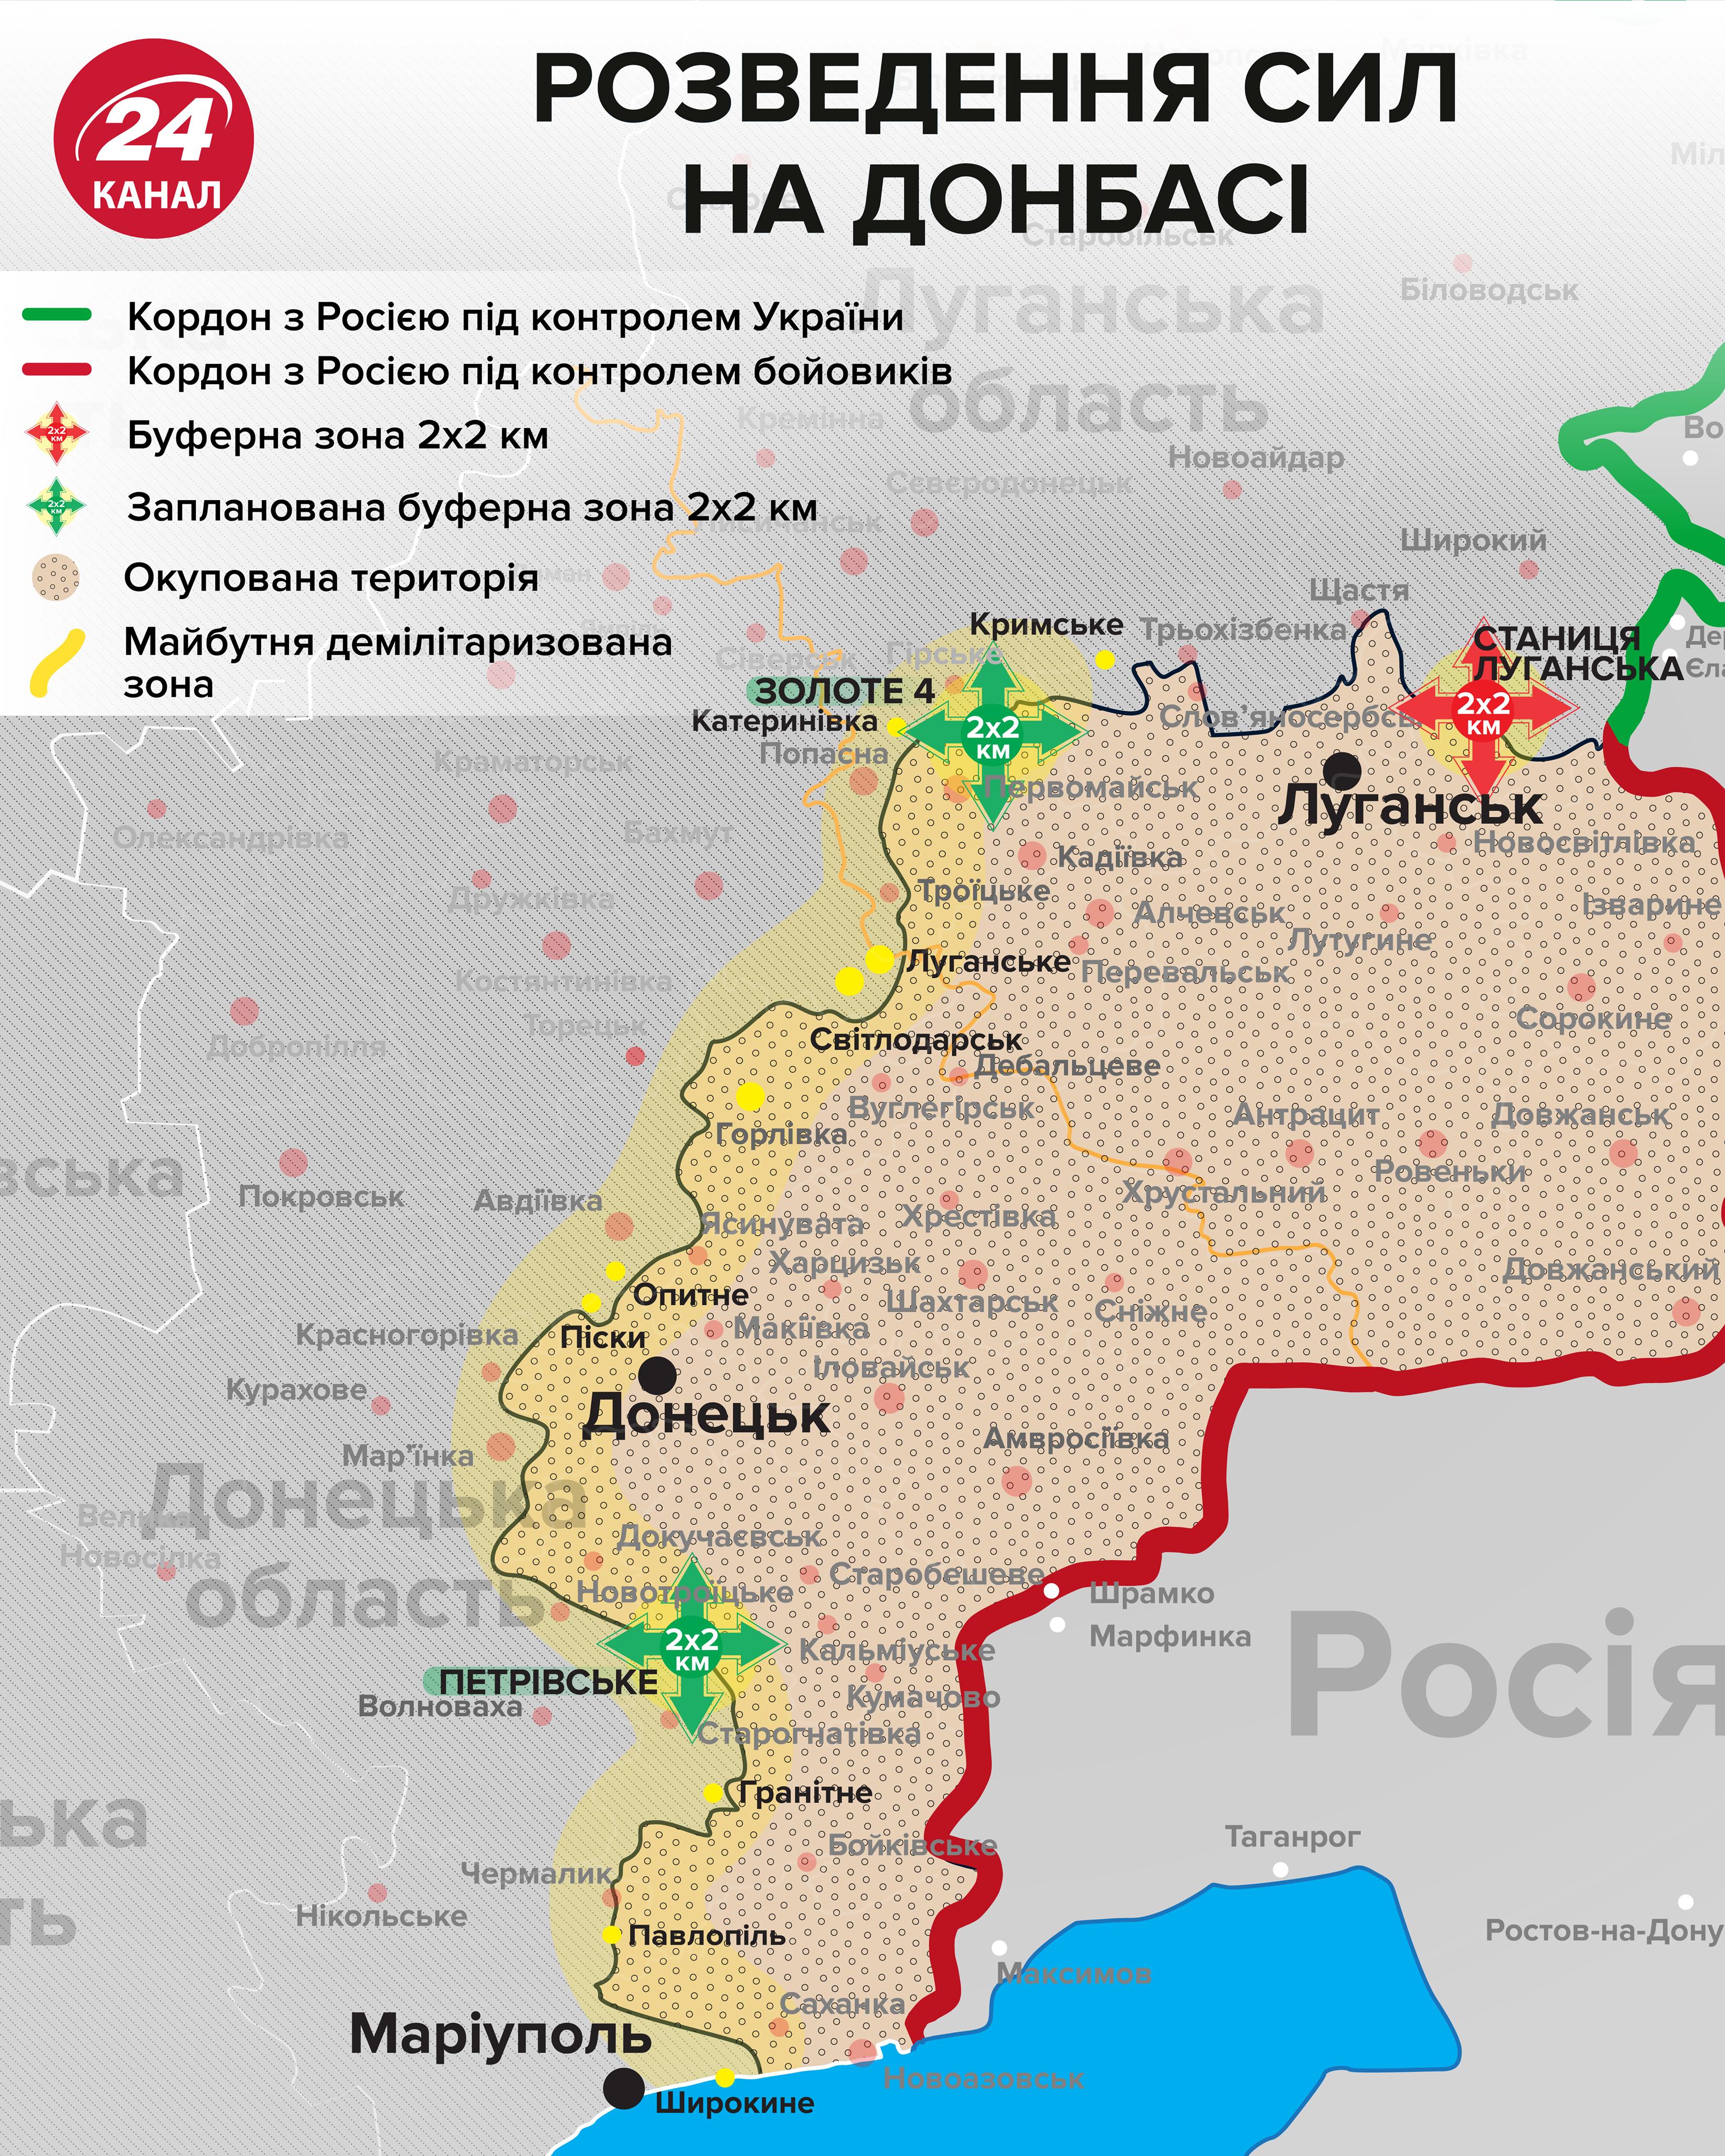 розведення сил на Донбасі мапа розведення військ ОРДЛО карта